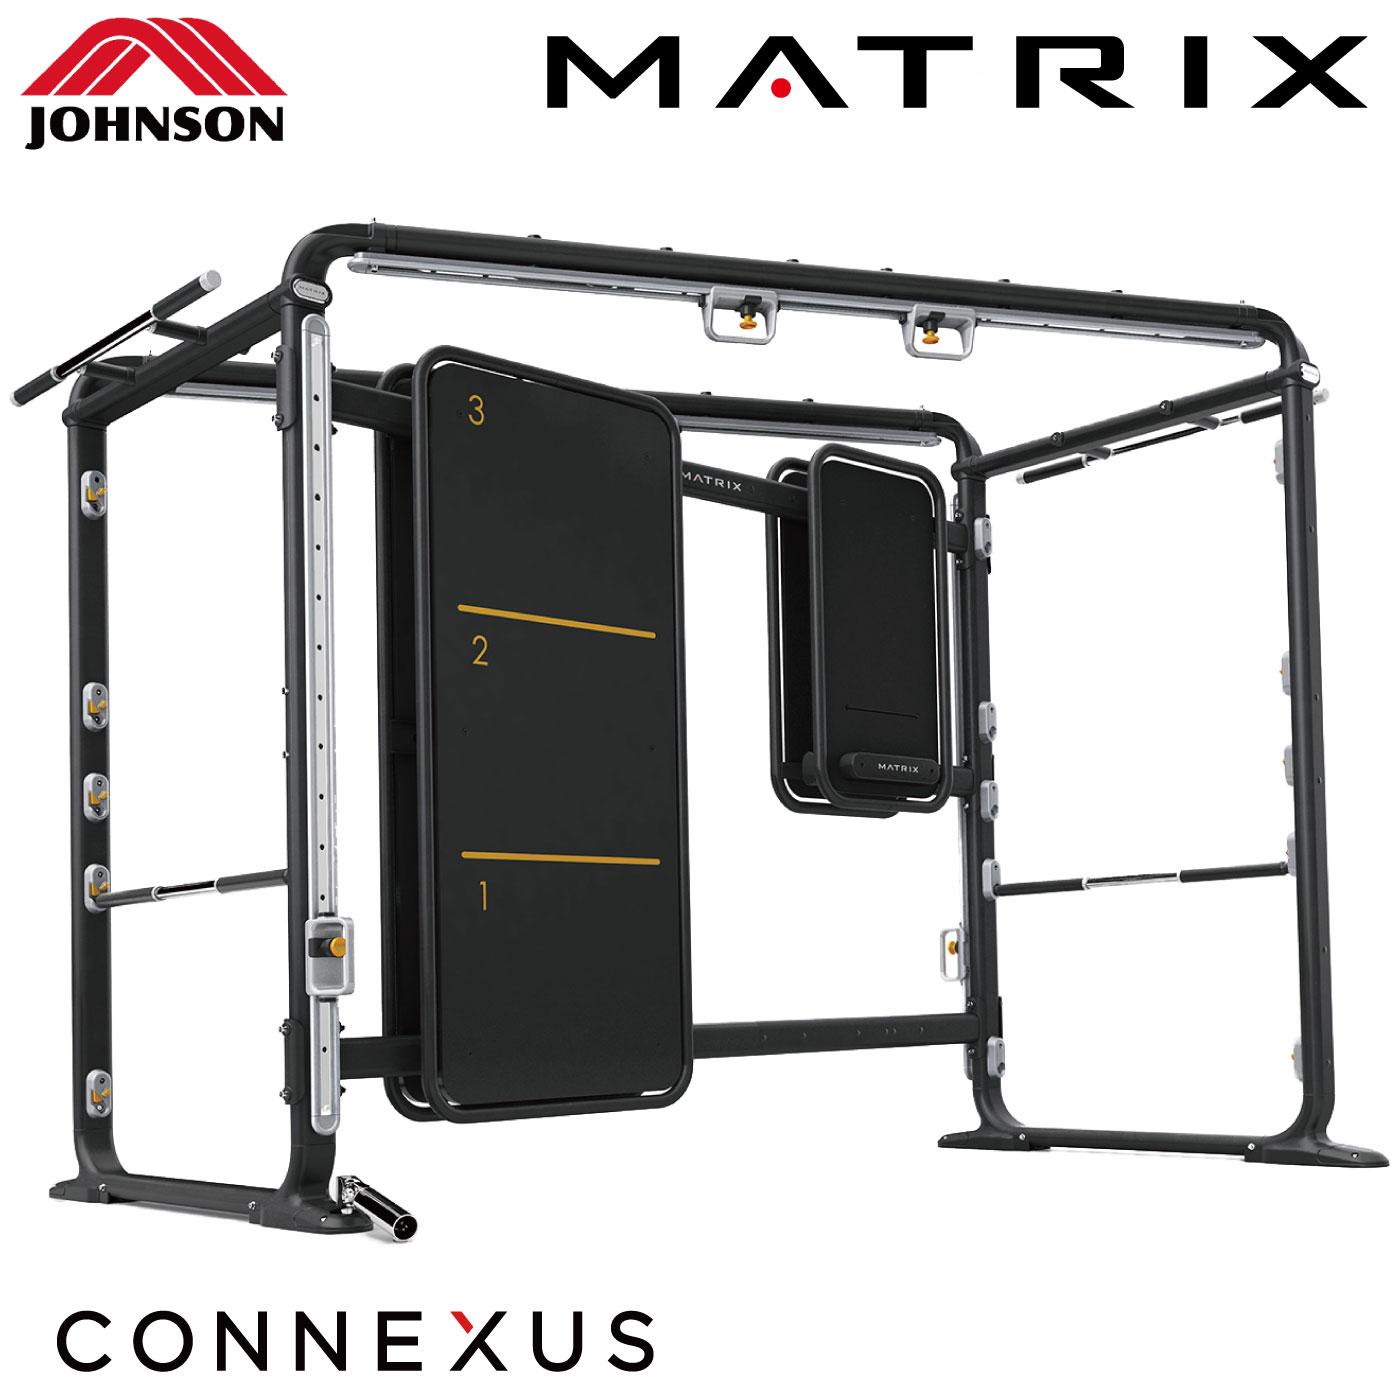 フリースタンディング〈CONNEXUS(コネクサス)〉/業務用ファンクショナルトレーナー〈業務用MATRIX〉《ジョンソンヘルステック》